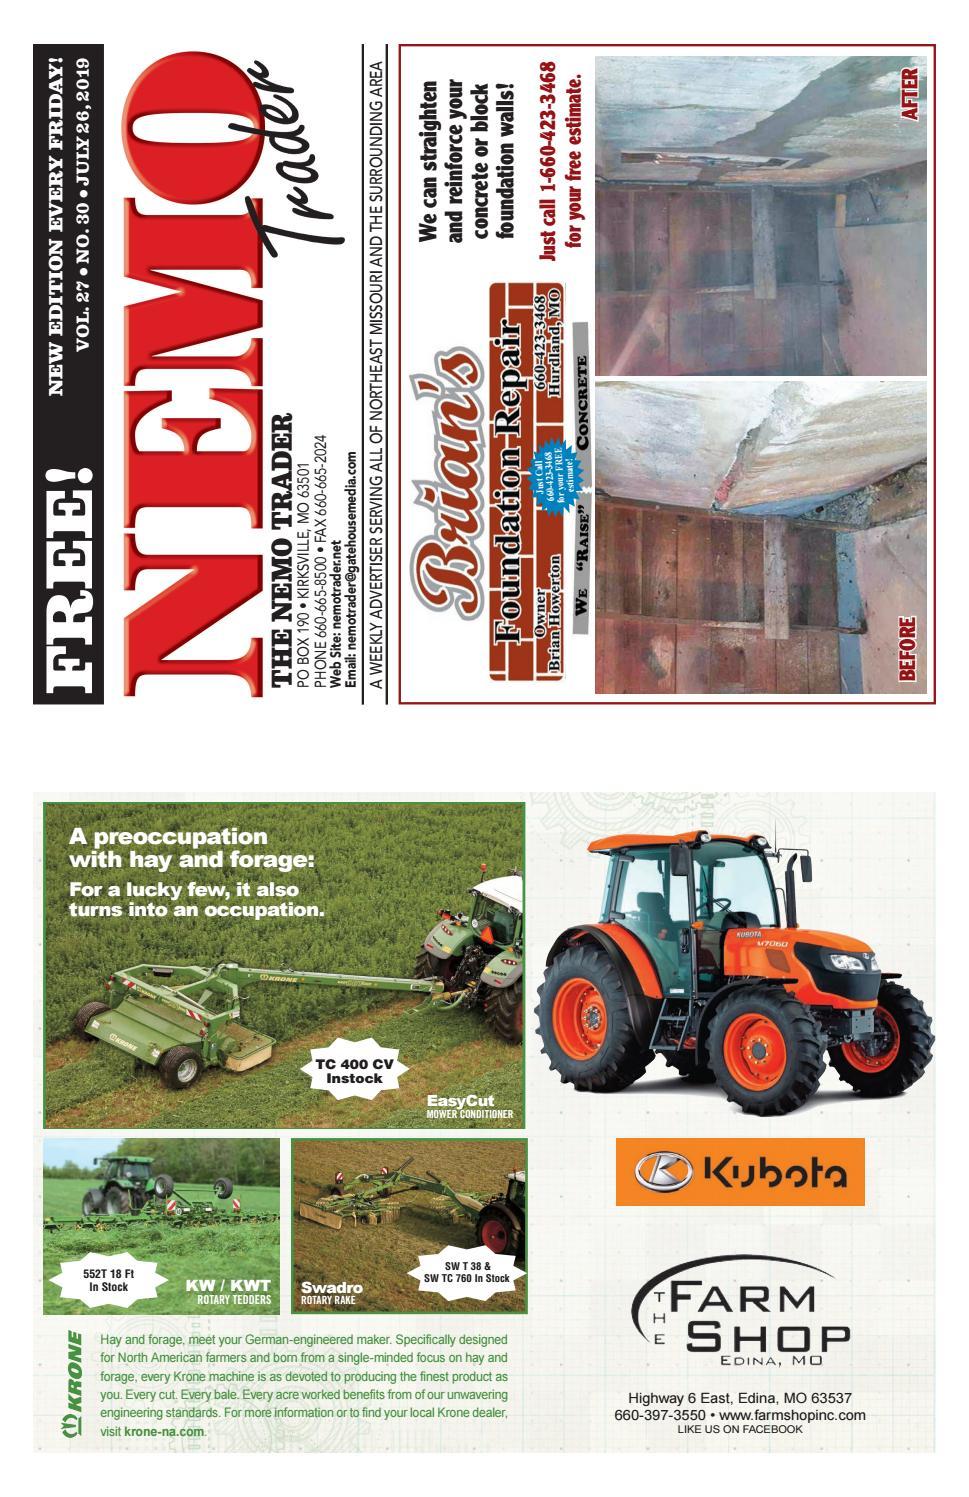 NEMO Trader July 26th, 2019 by NEMO Trader - issuu